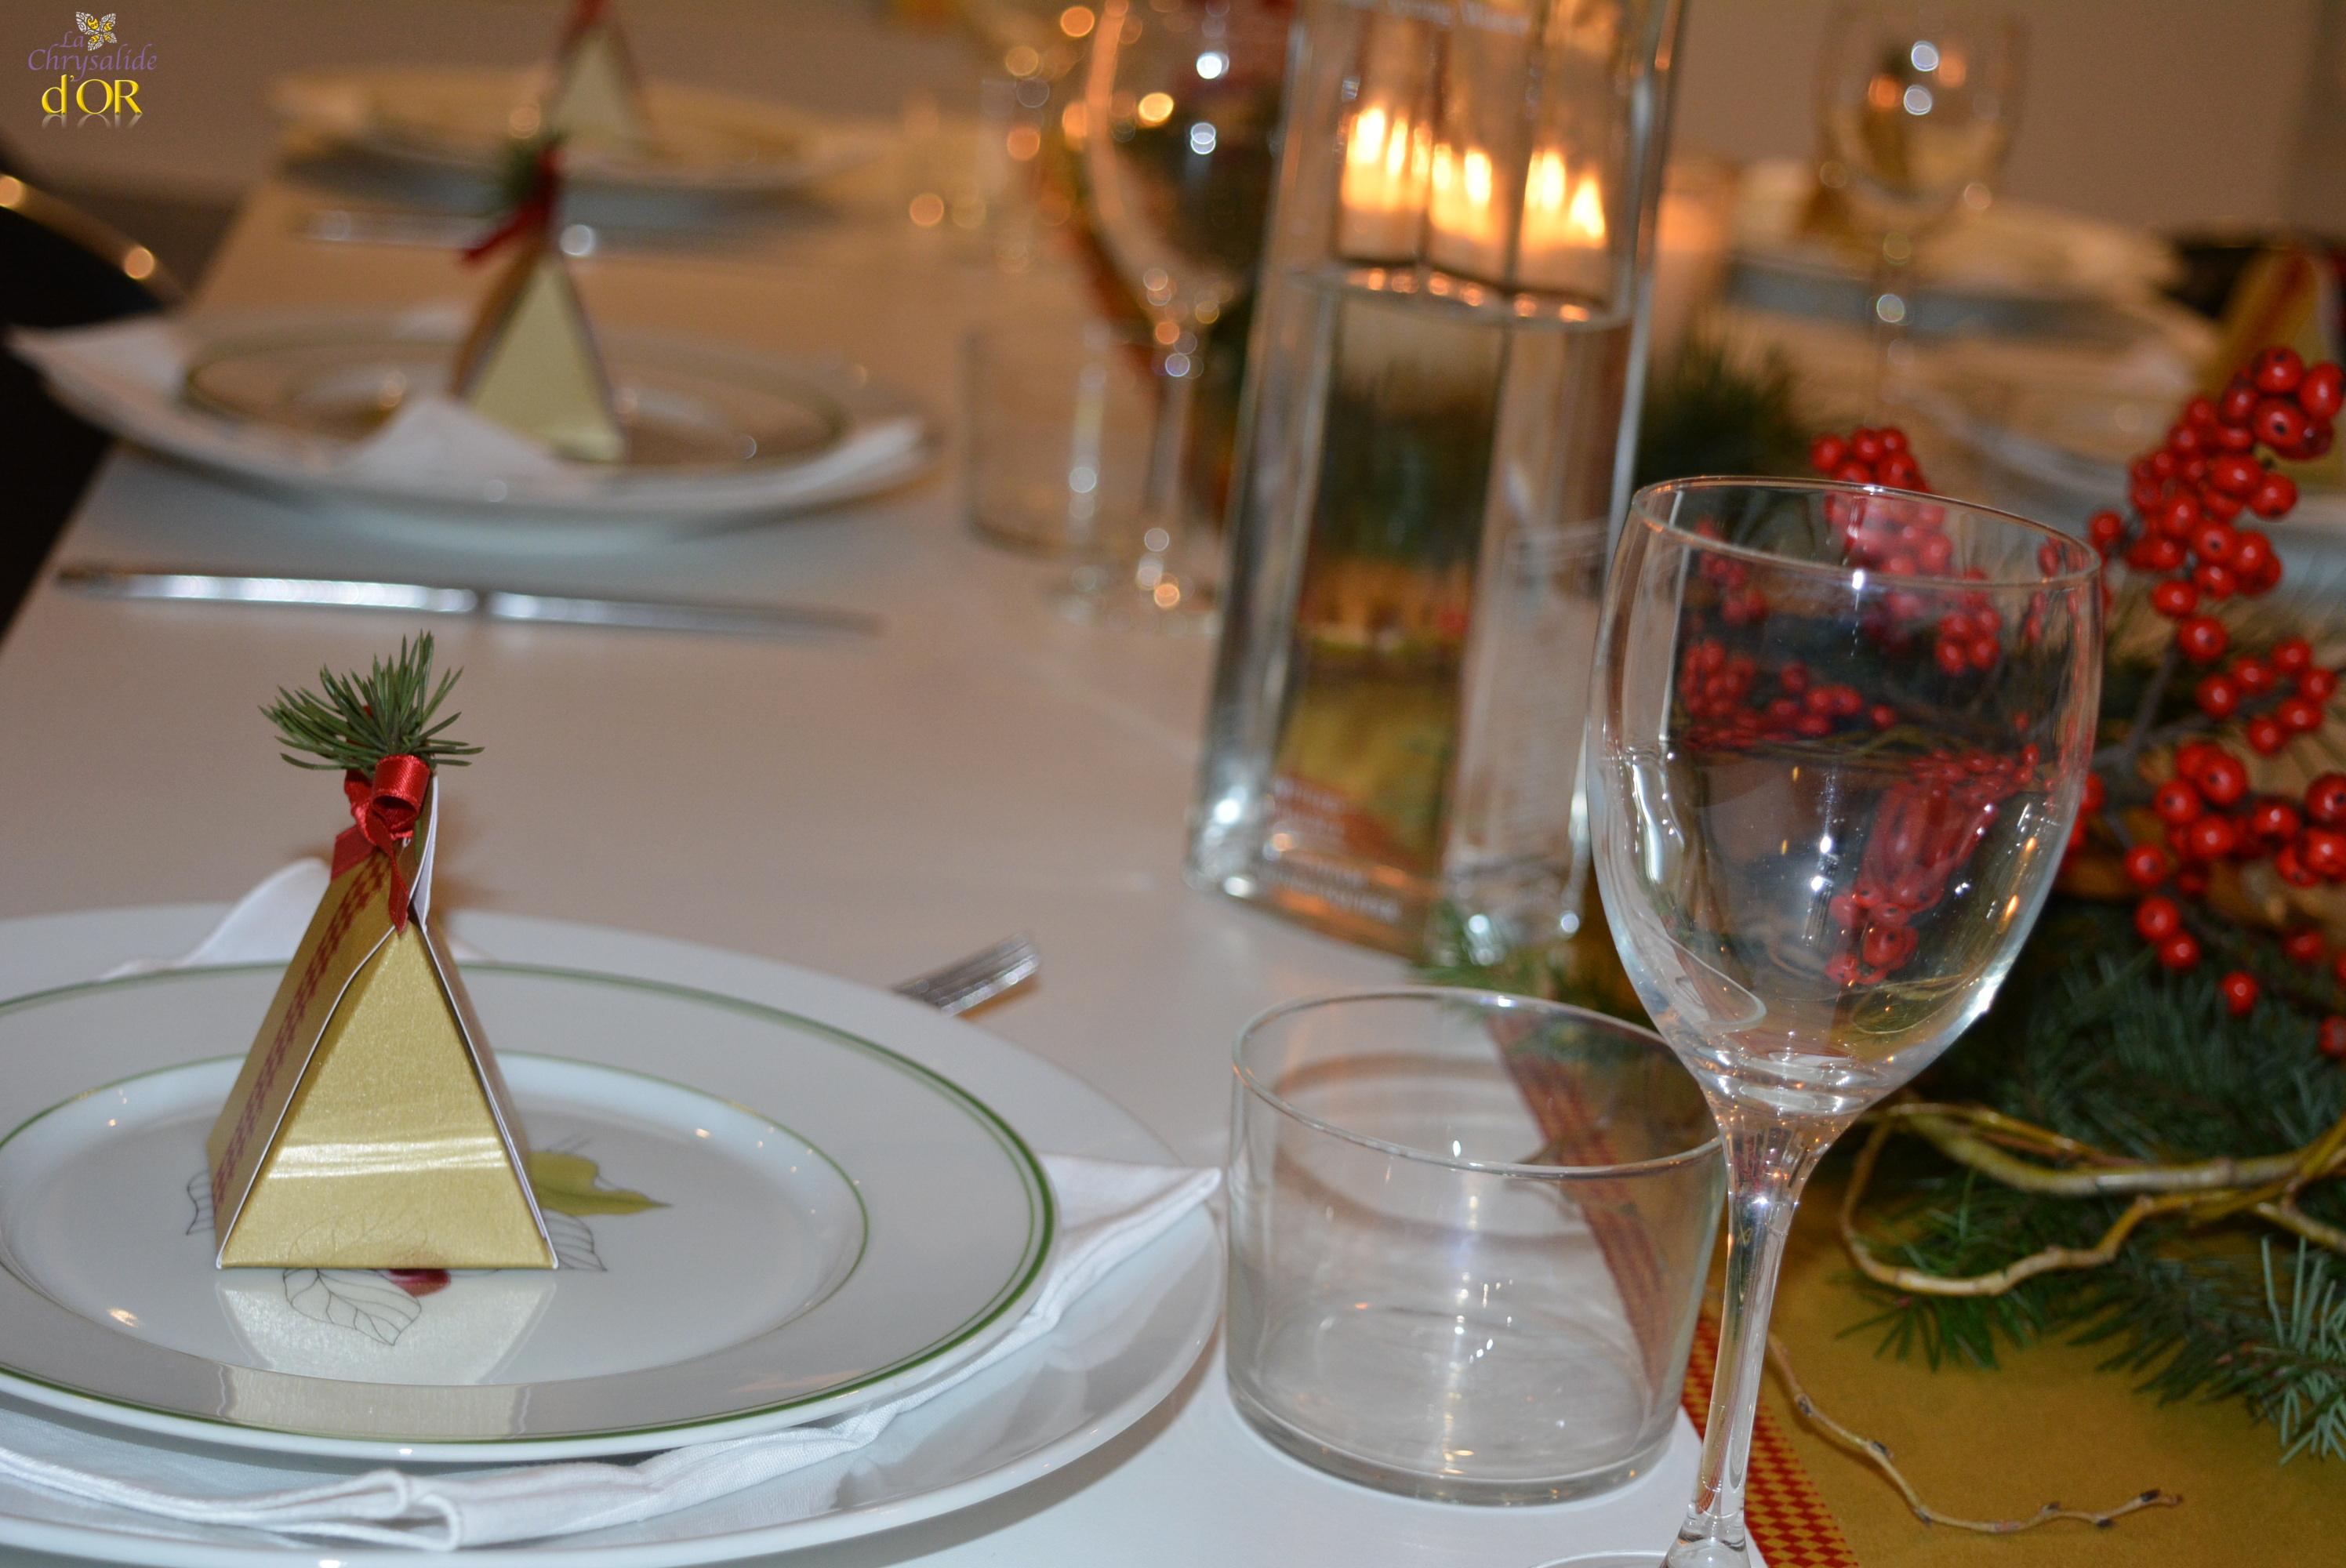 #995F32 Décoration Tables De Noël Pour Une Inspiration Mariage En  6069 decoration de noel toulouse 2992x2000 px @ aertt.com